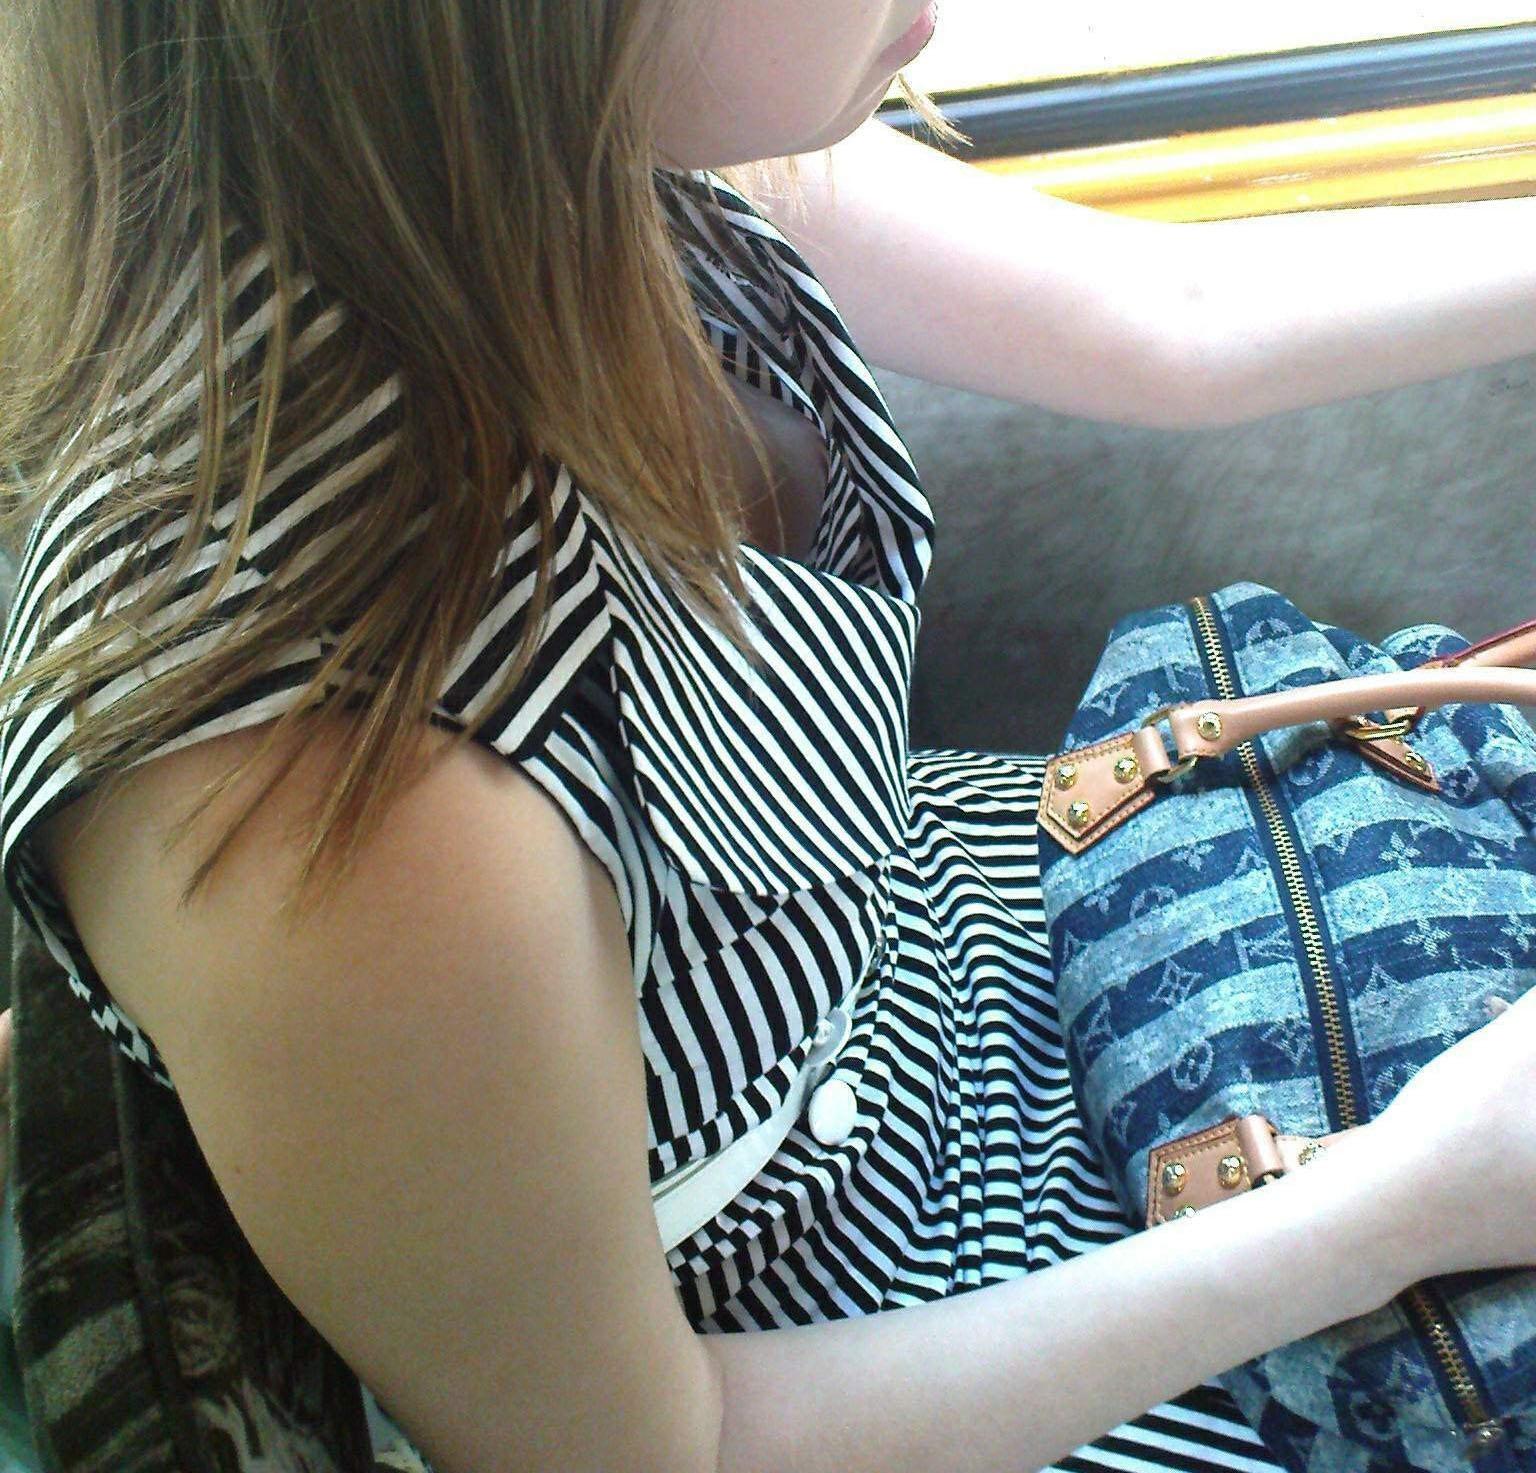 【胸チラエロ画像】見知らぬ女のだから見えると超嬉しいw隙アリの乳首チラwww 15